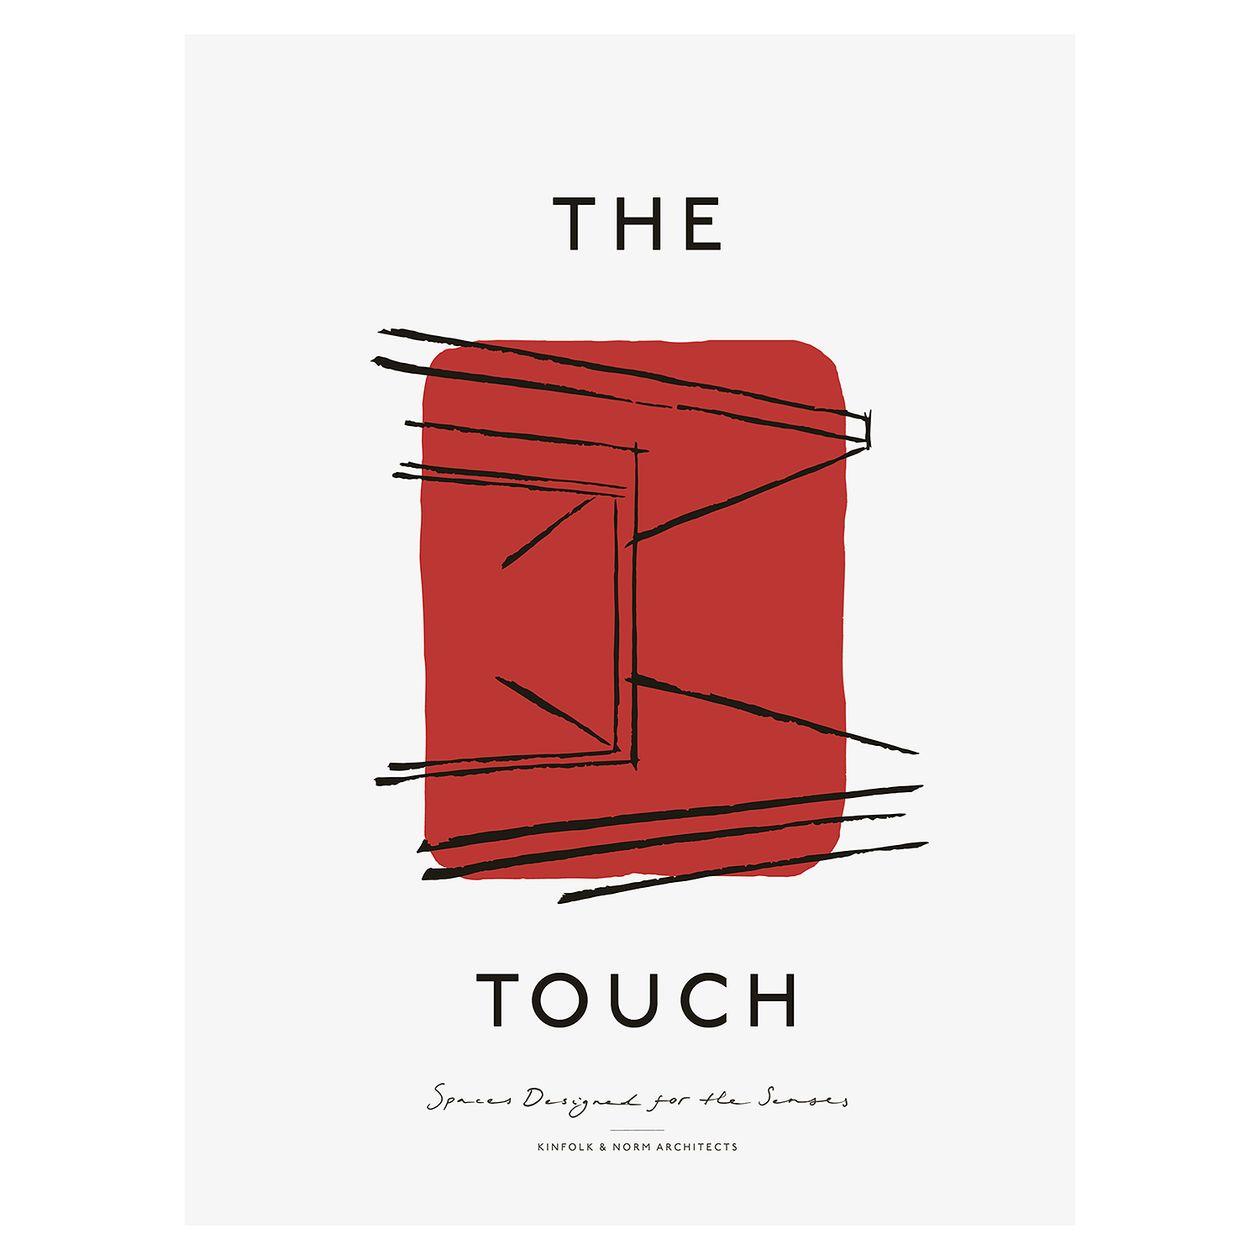 Gestalten The Touch book